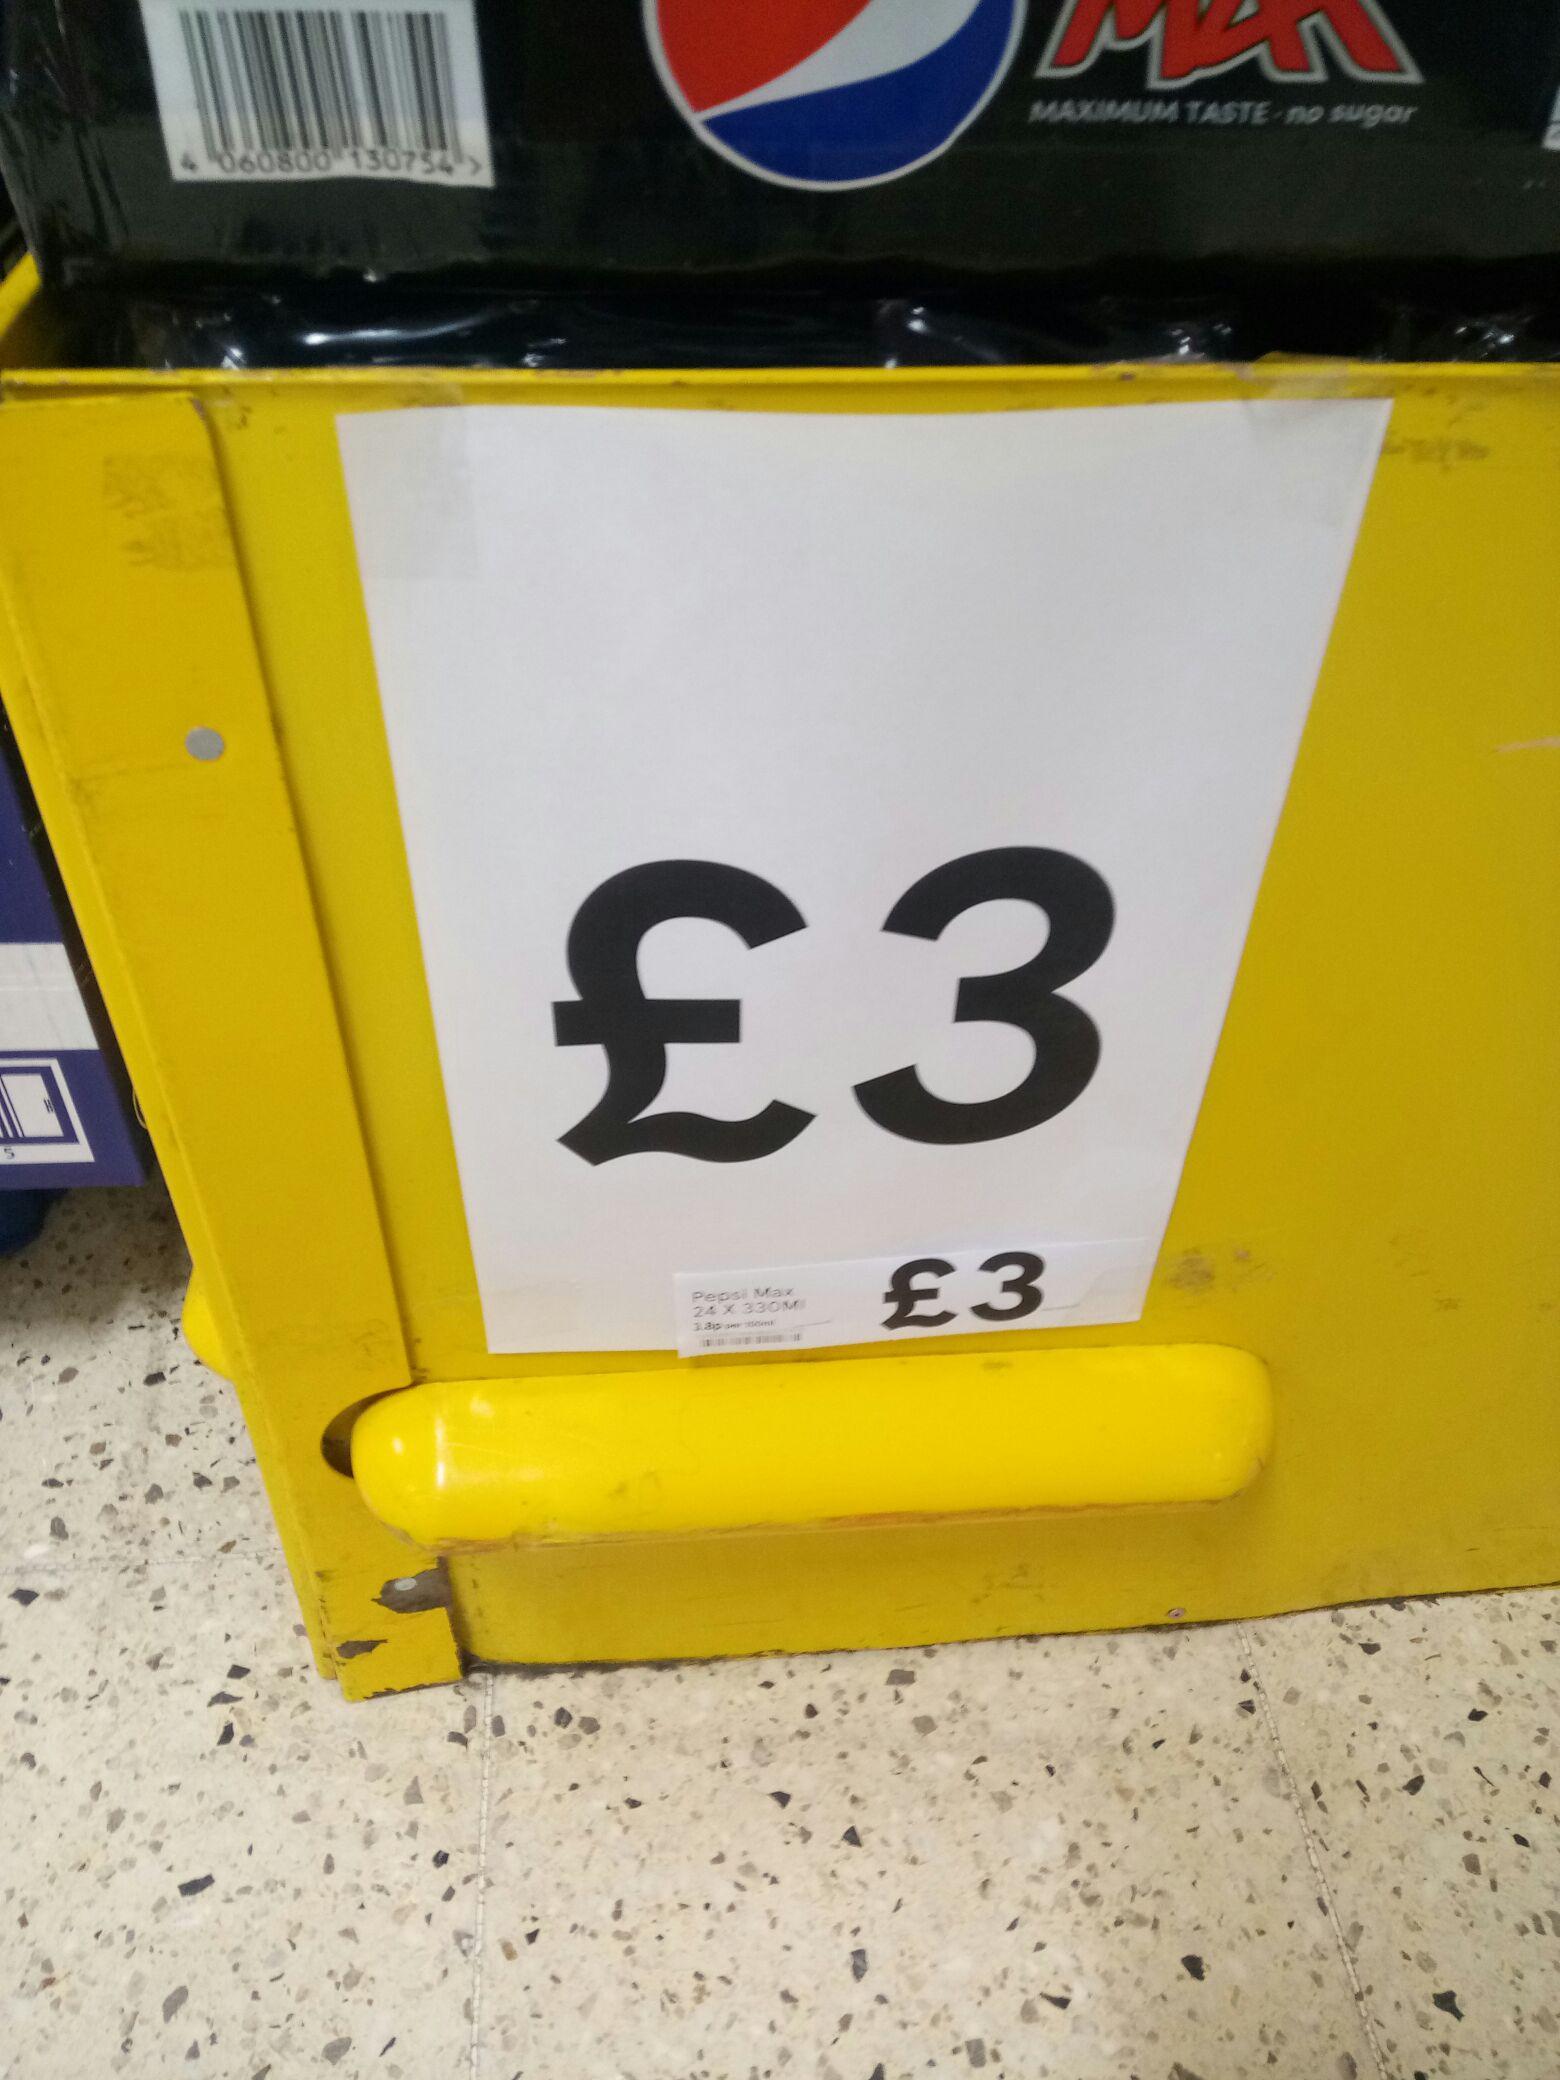 Pepsi Max, case 24, £3 at Tesco